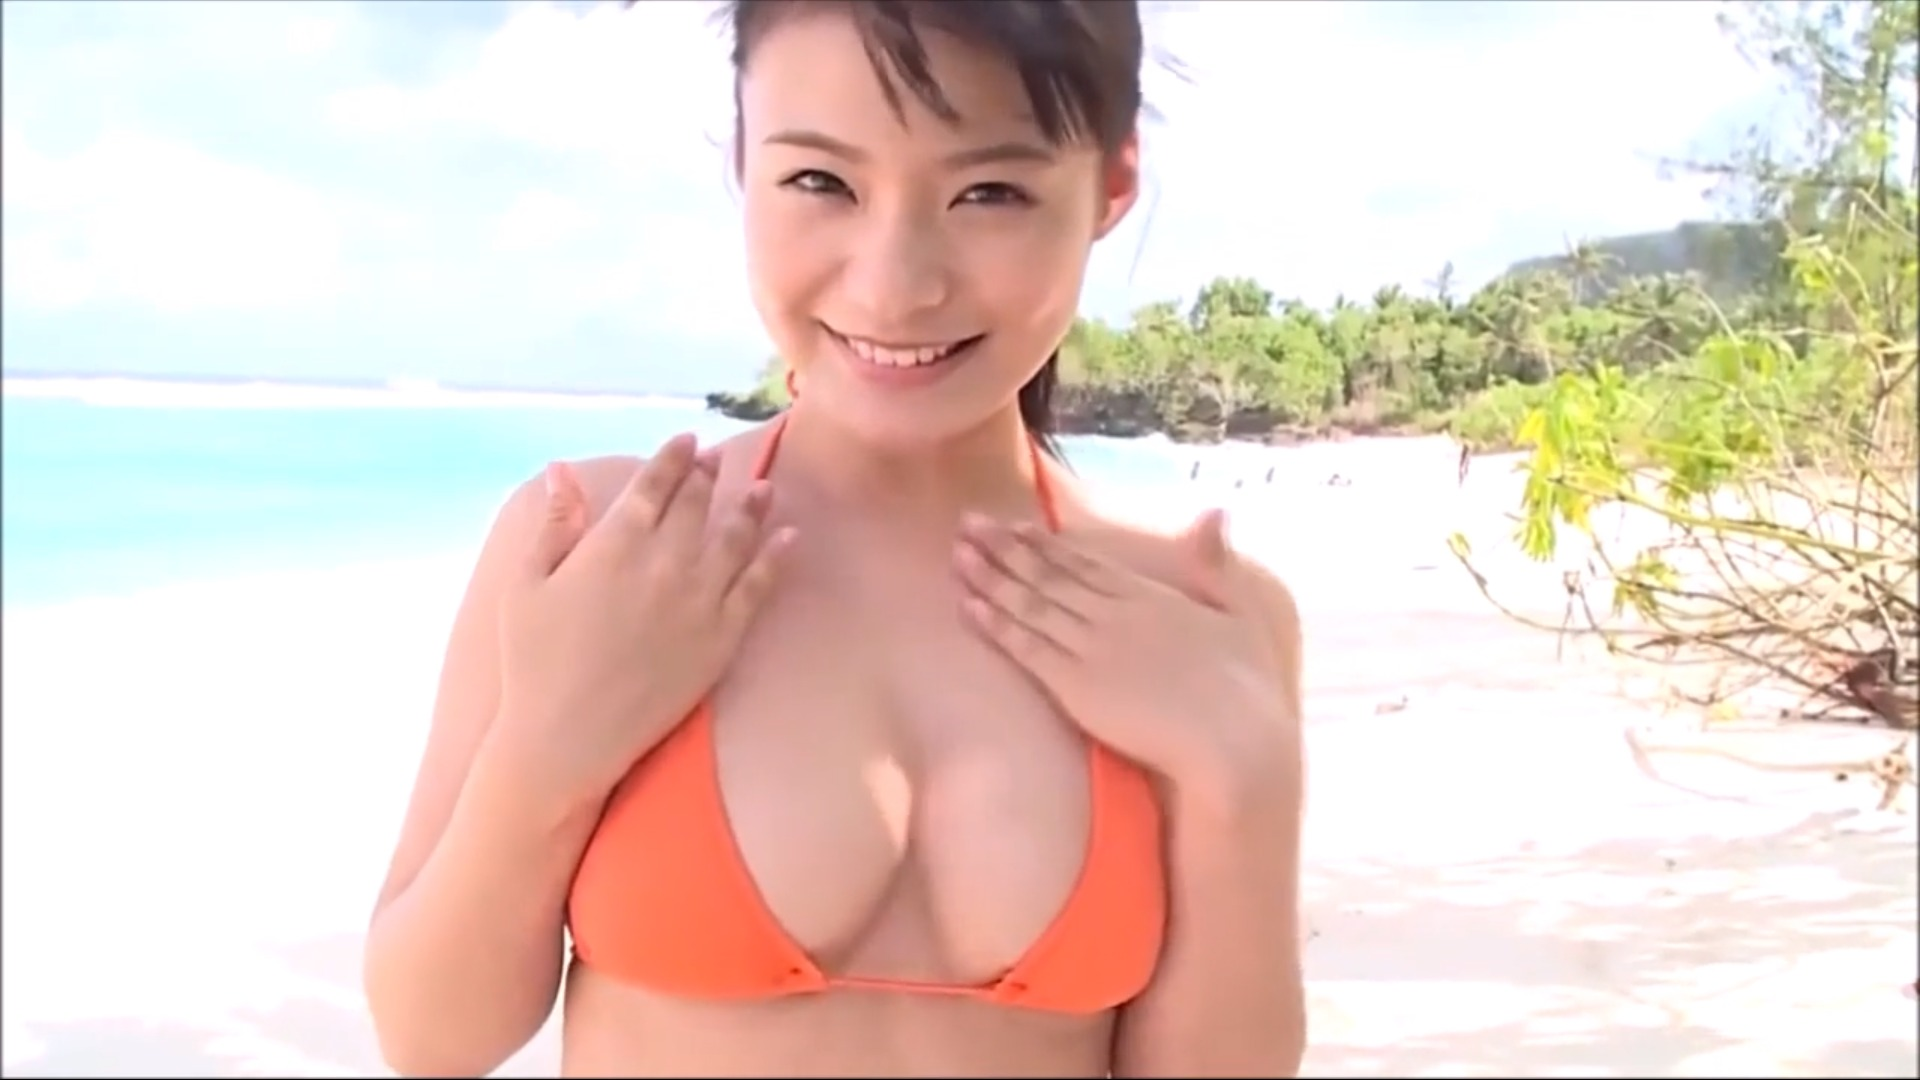 【星名美津紀】Hカップ34 オレンジビキニ姿!笑顔でおっぱいゆっさゆっさ!